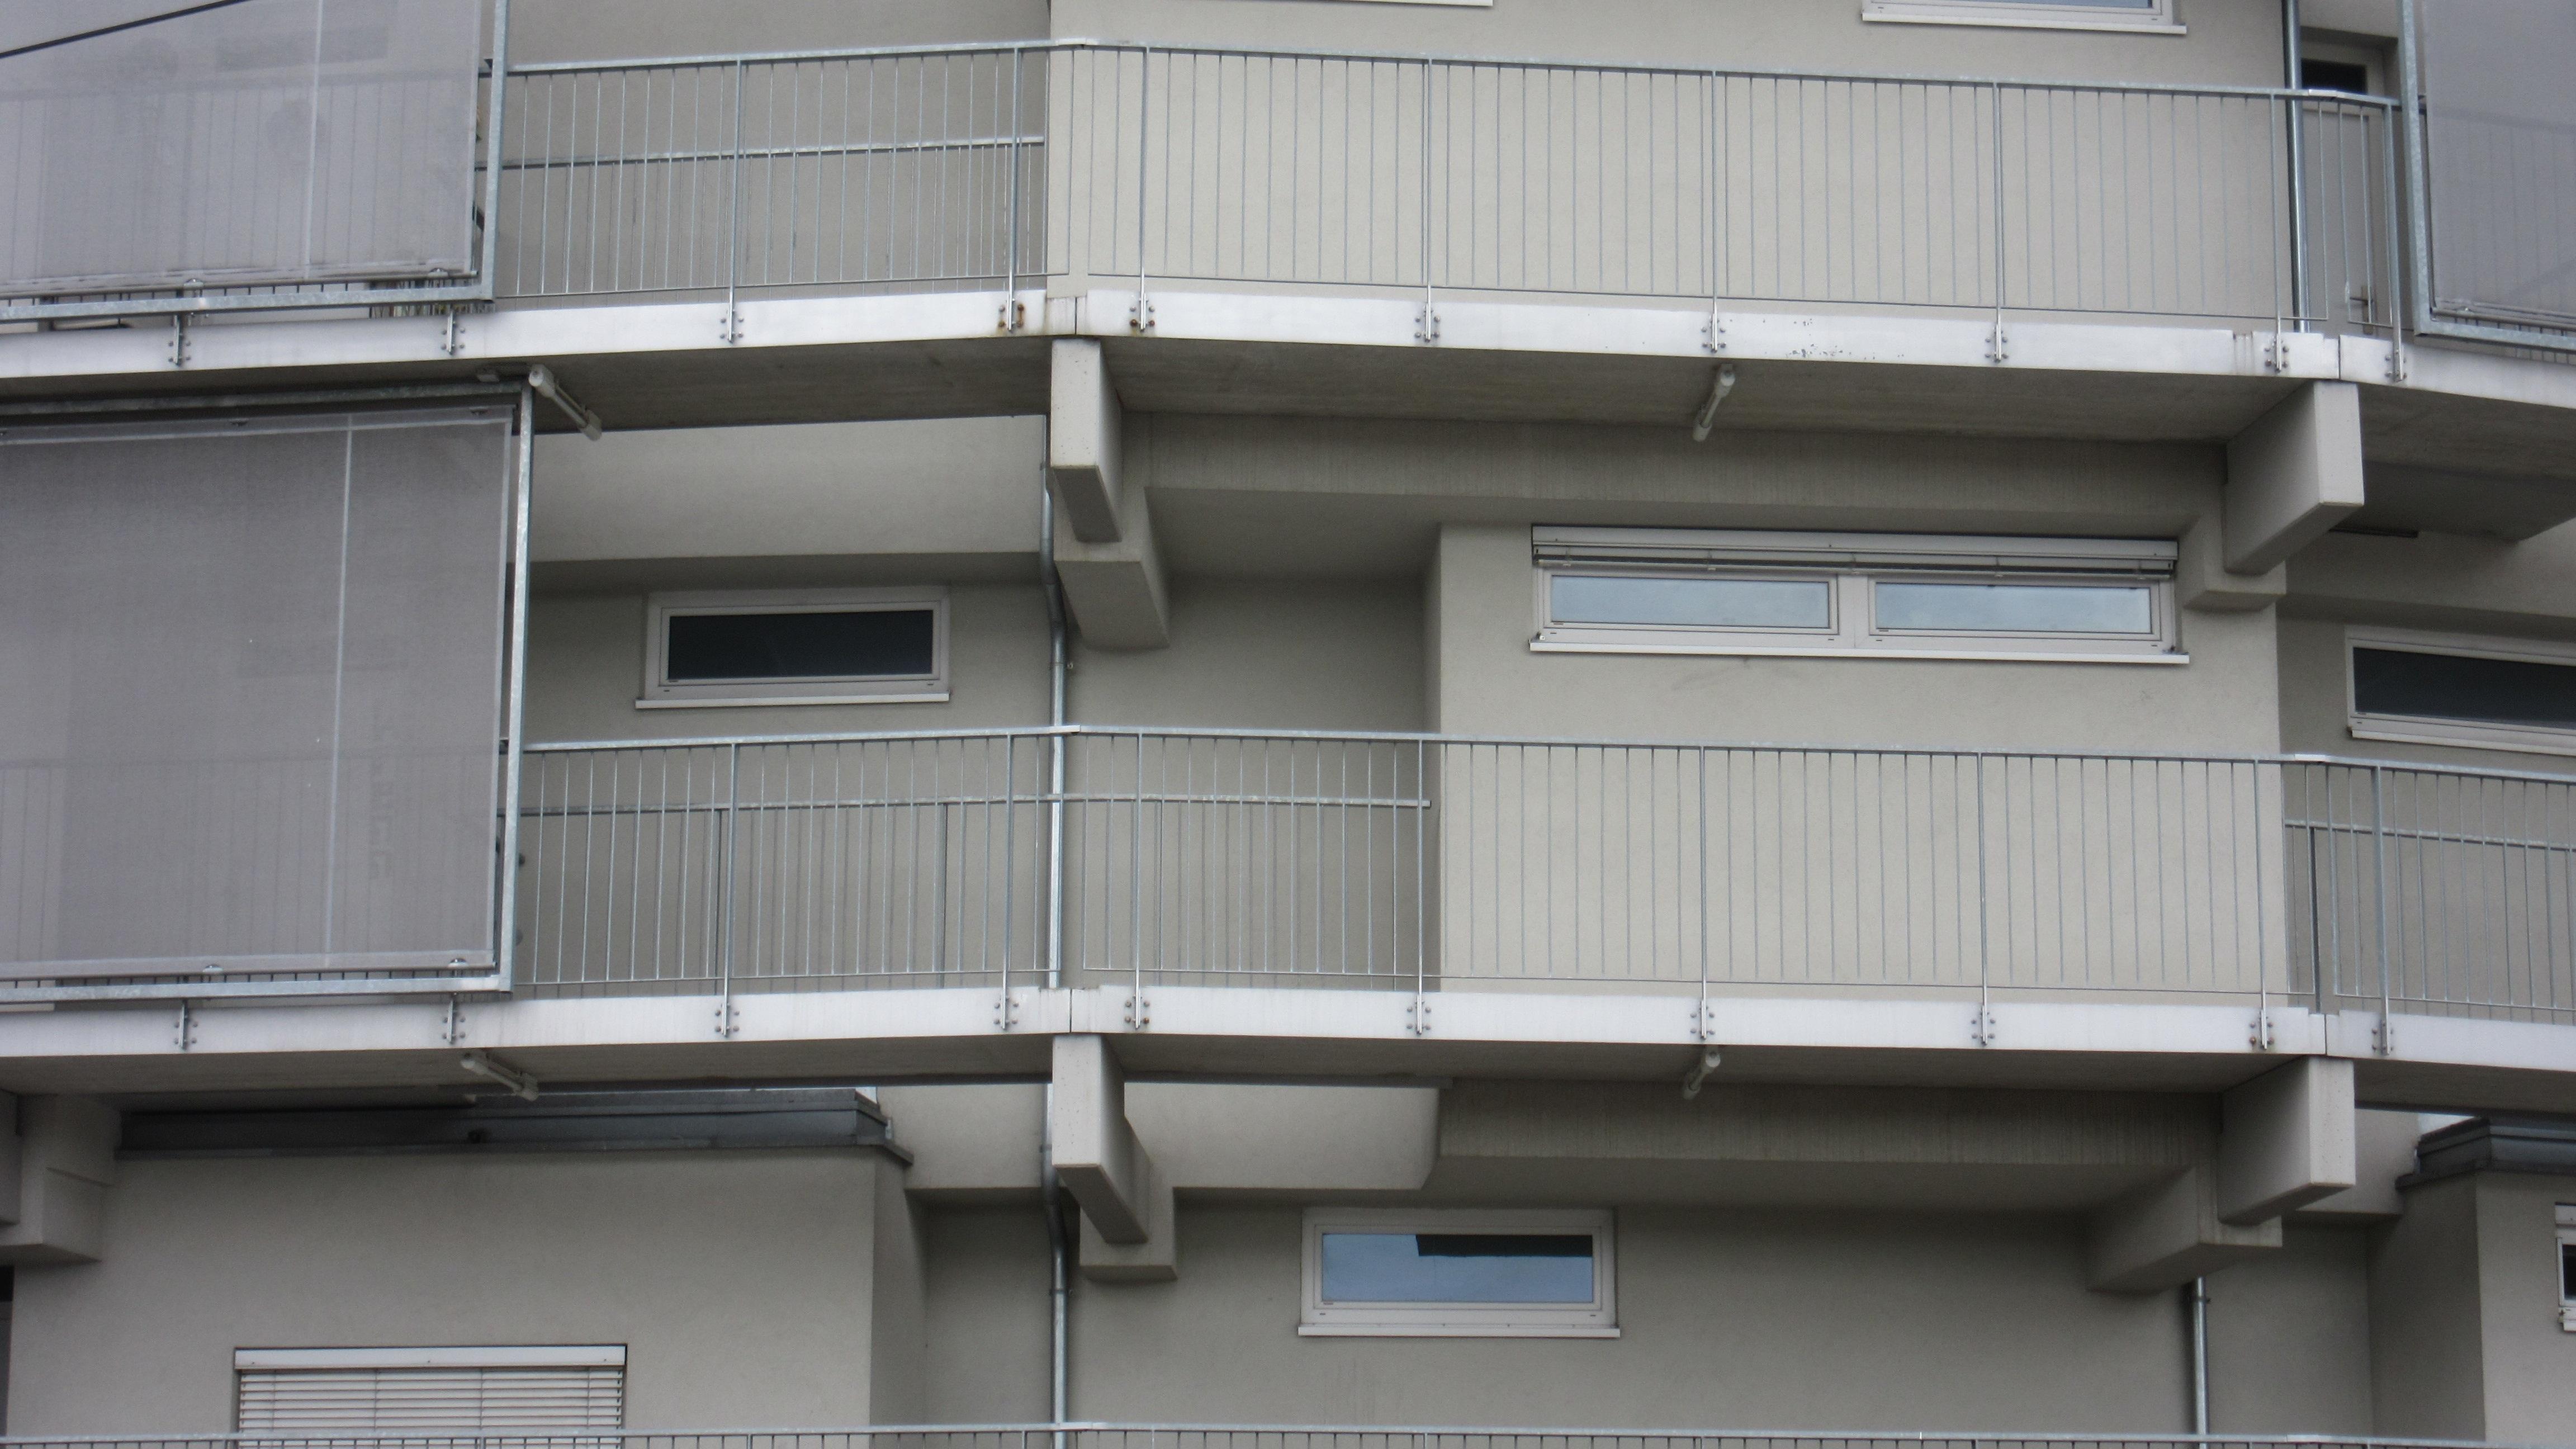 무료 이미지 : 건축물, 창문, 집, 발코니, 난간, 무늬, 정면, 재산 ...